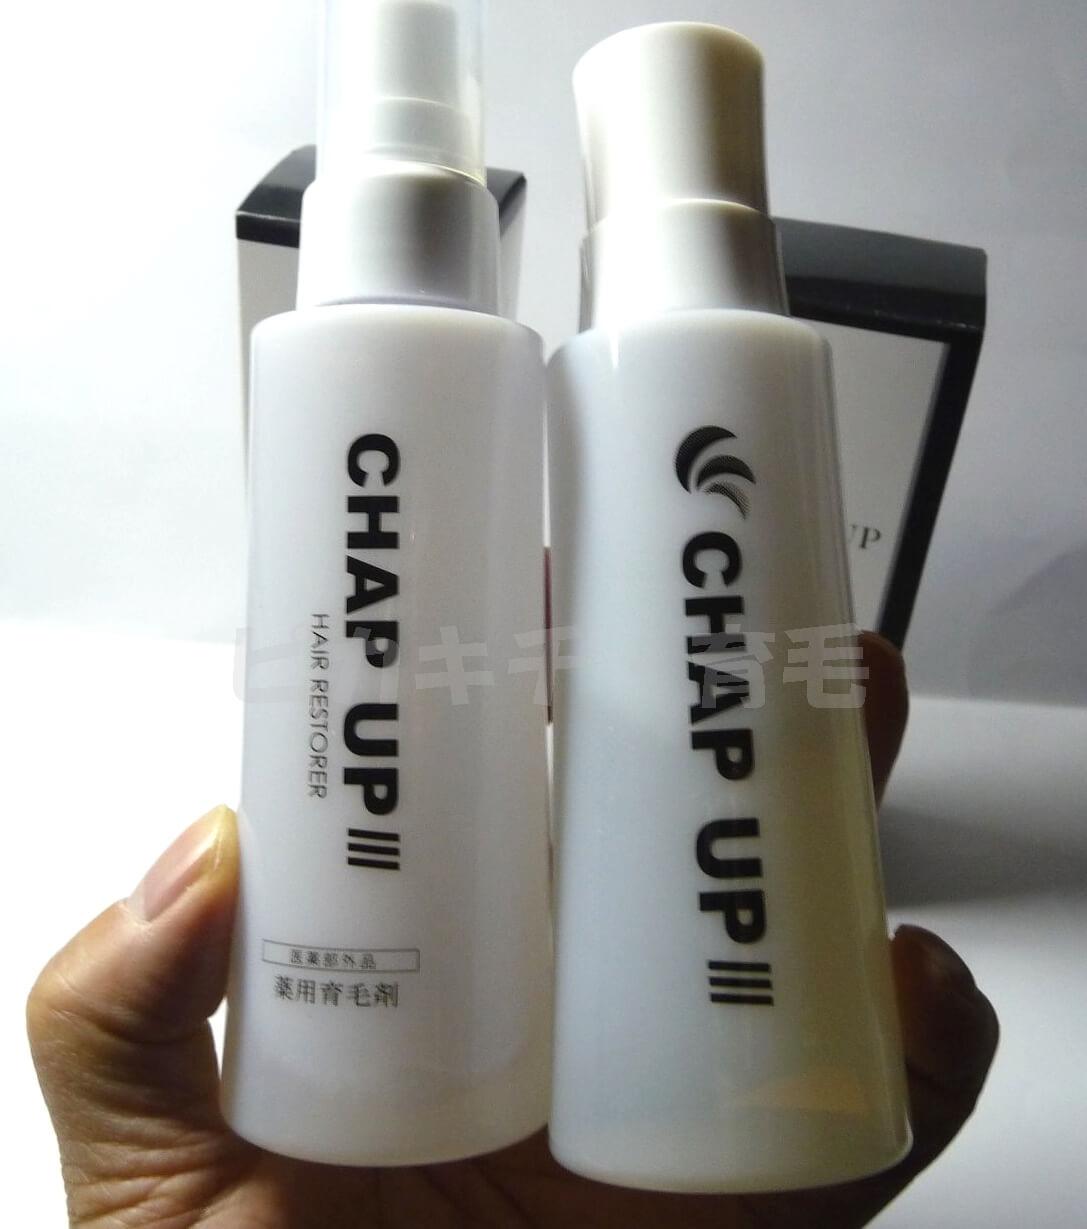 育毛剤チャップアップ・新型と旧型違い比較:新型チャップアップ 育毛効果エキスの血行促進成分追加でパワーアップ!